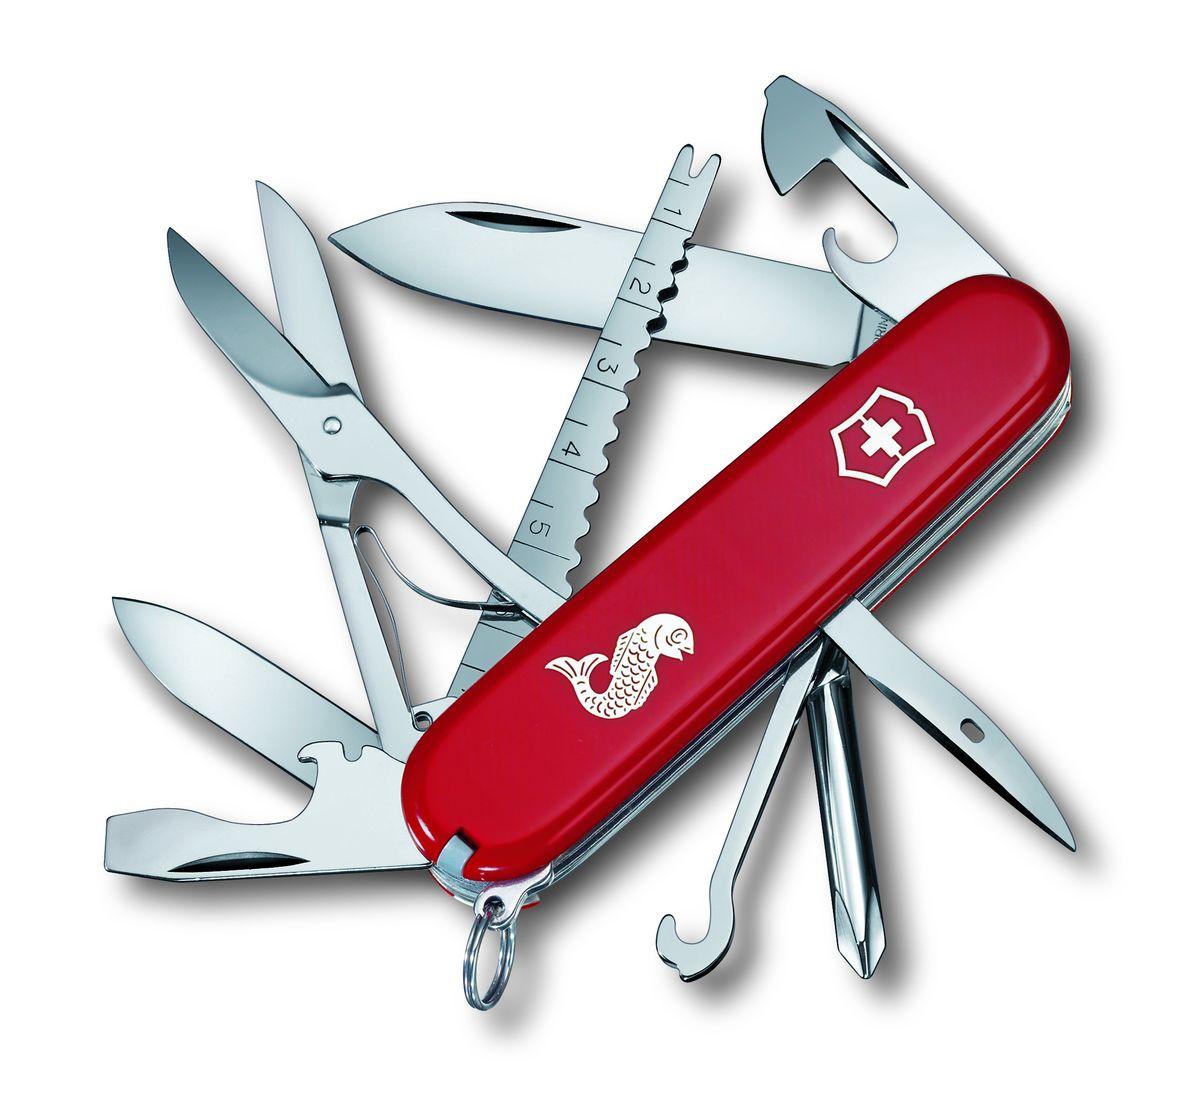 Нож перочинный Victorinox Fisherman 1.4733.72, цвет: красный